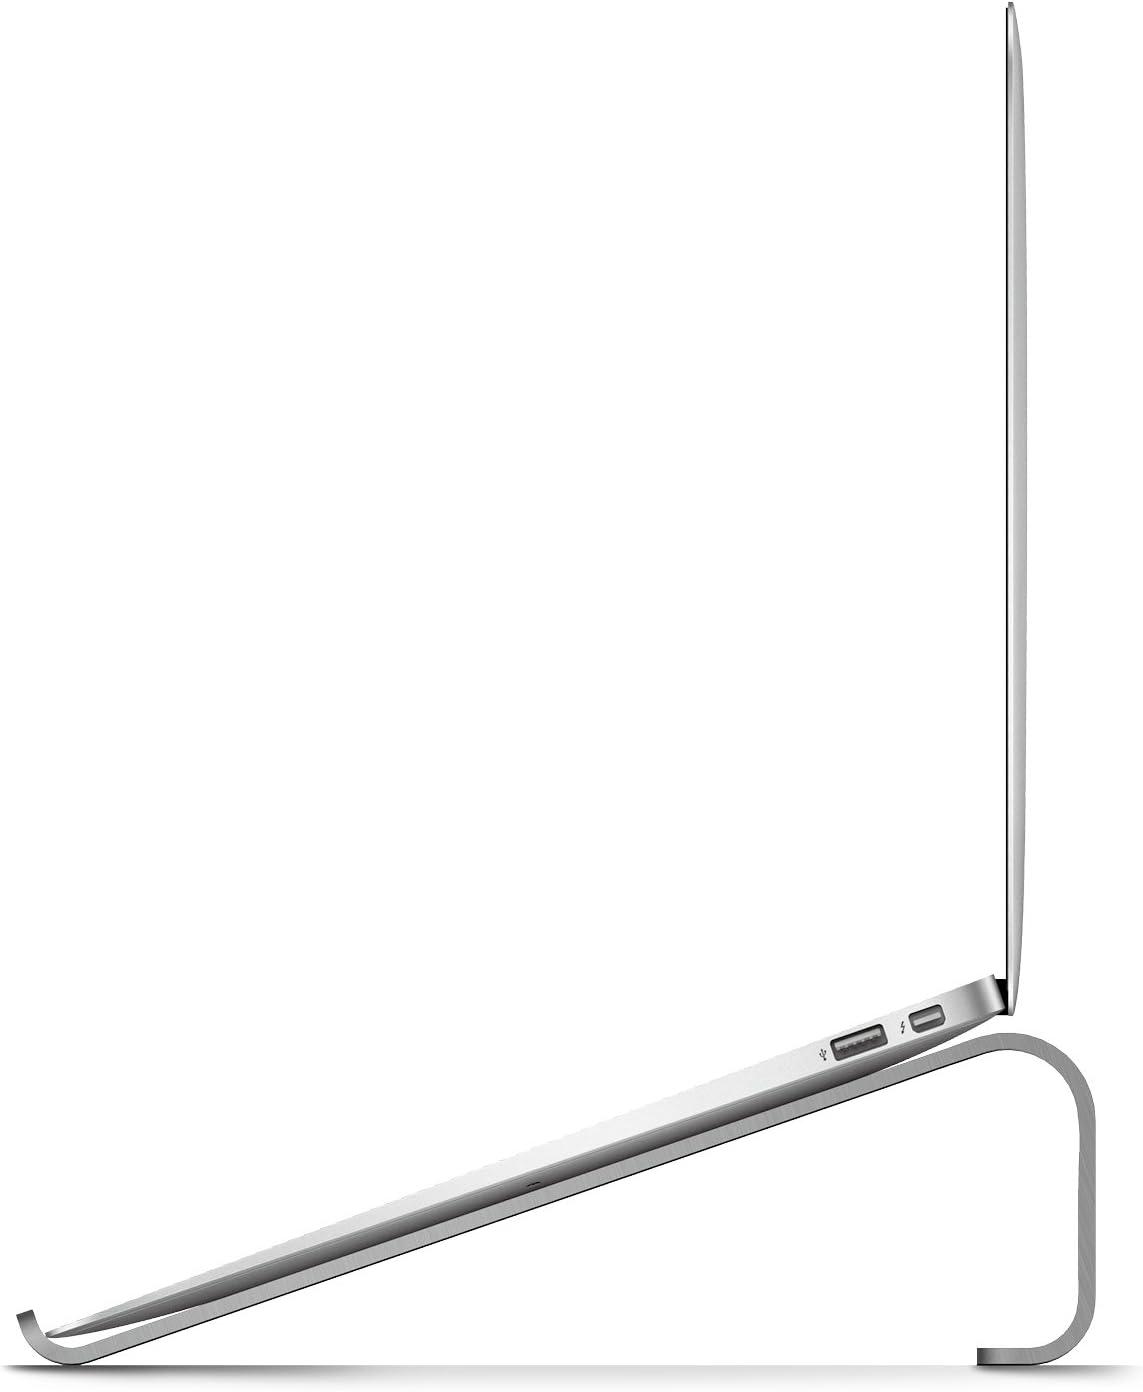 elago Popular brand in the world L3 Stand Dark Grey - Bad Premium Sale price Pos Aluminum Prevents